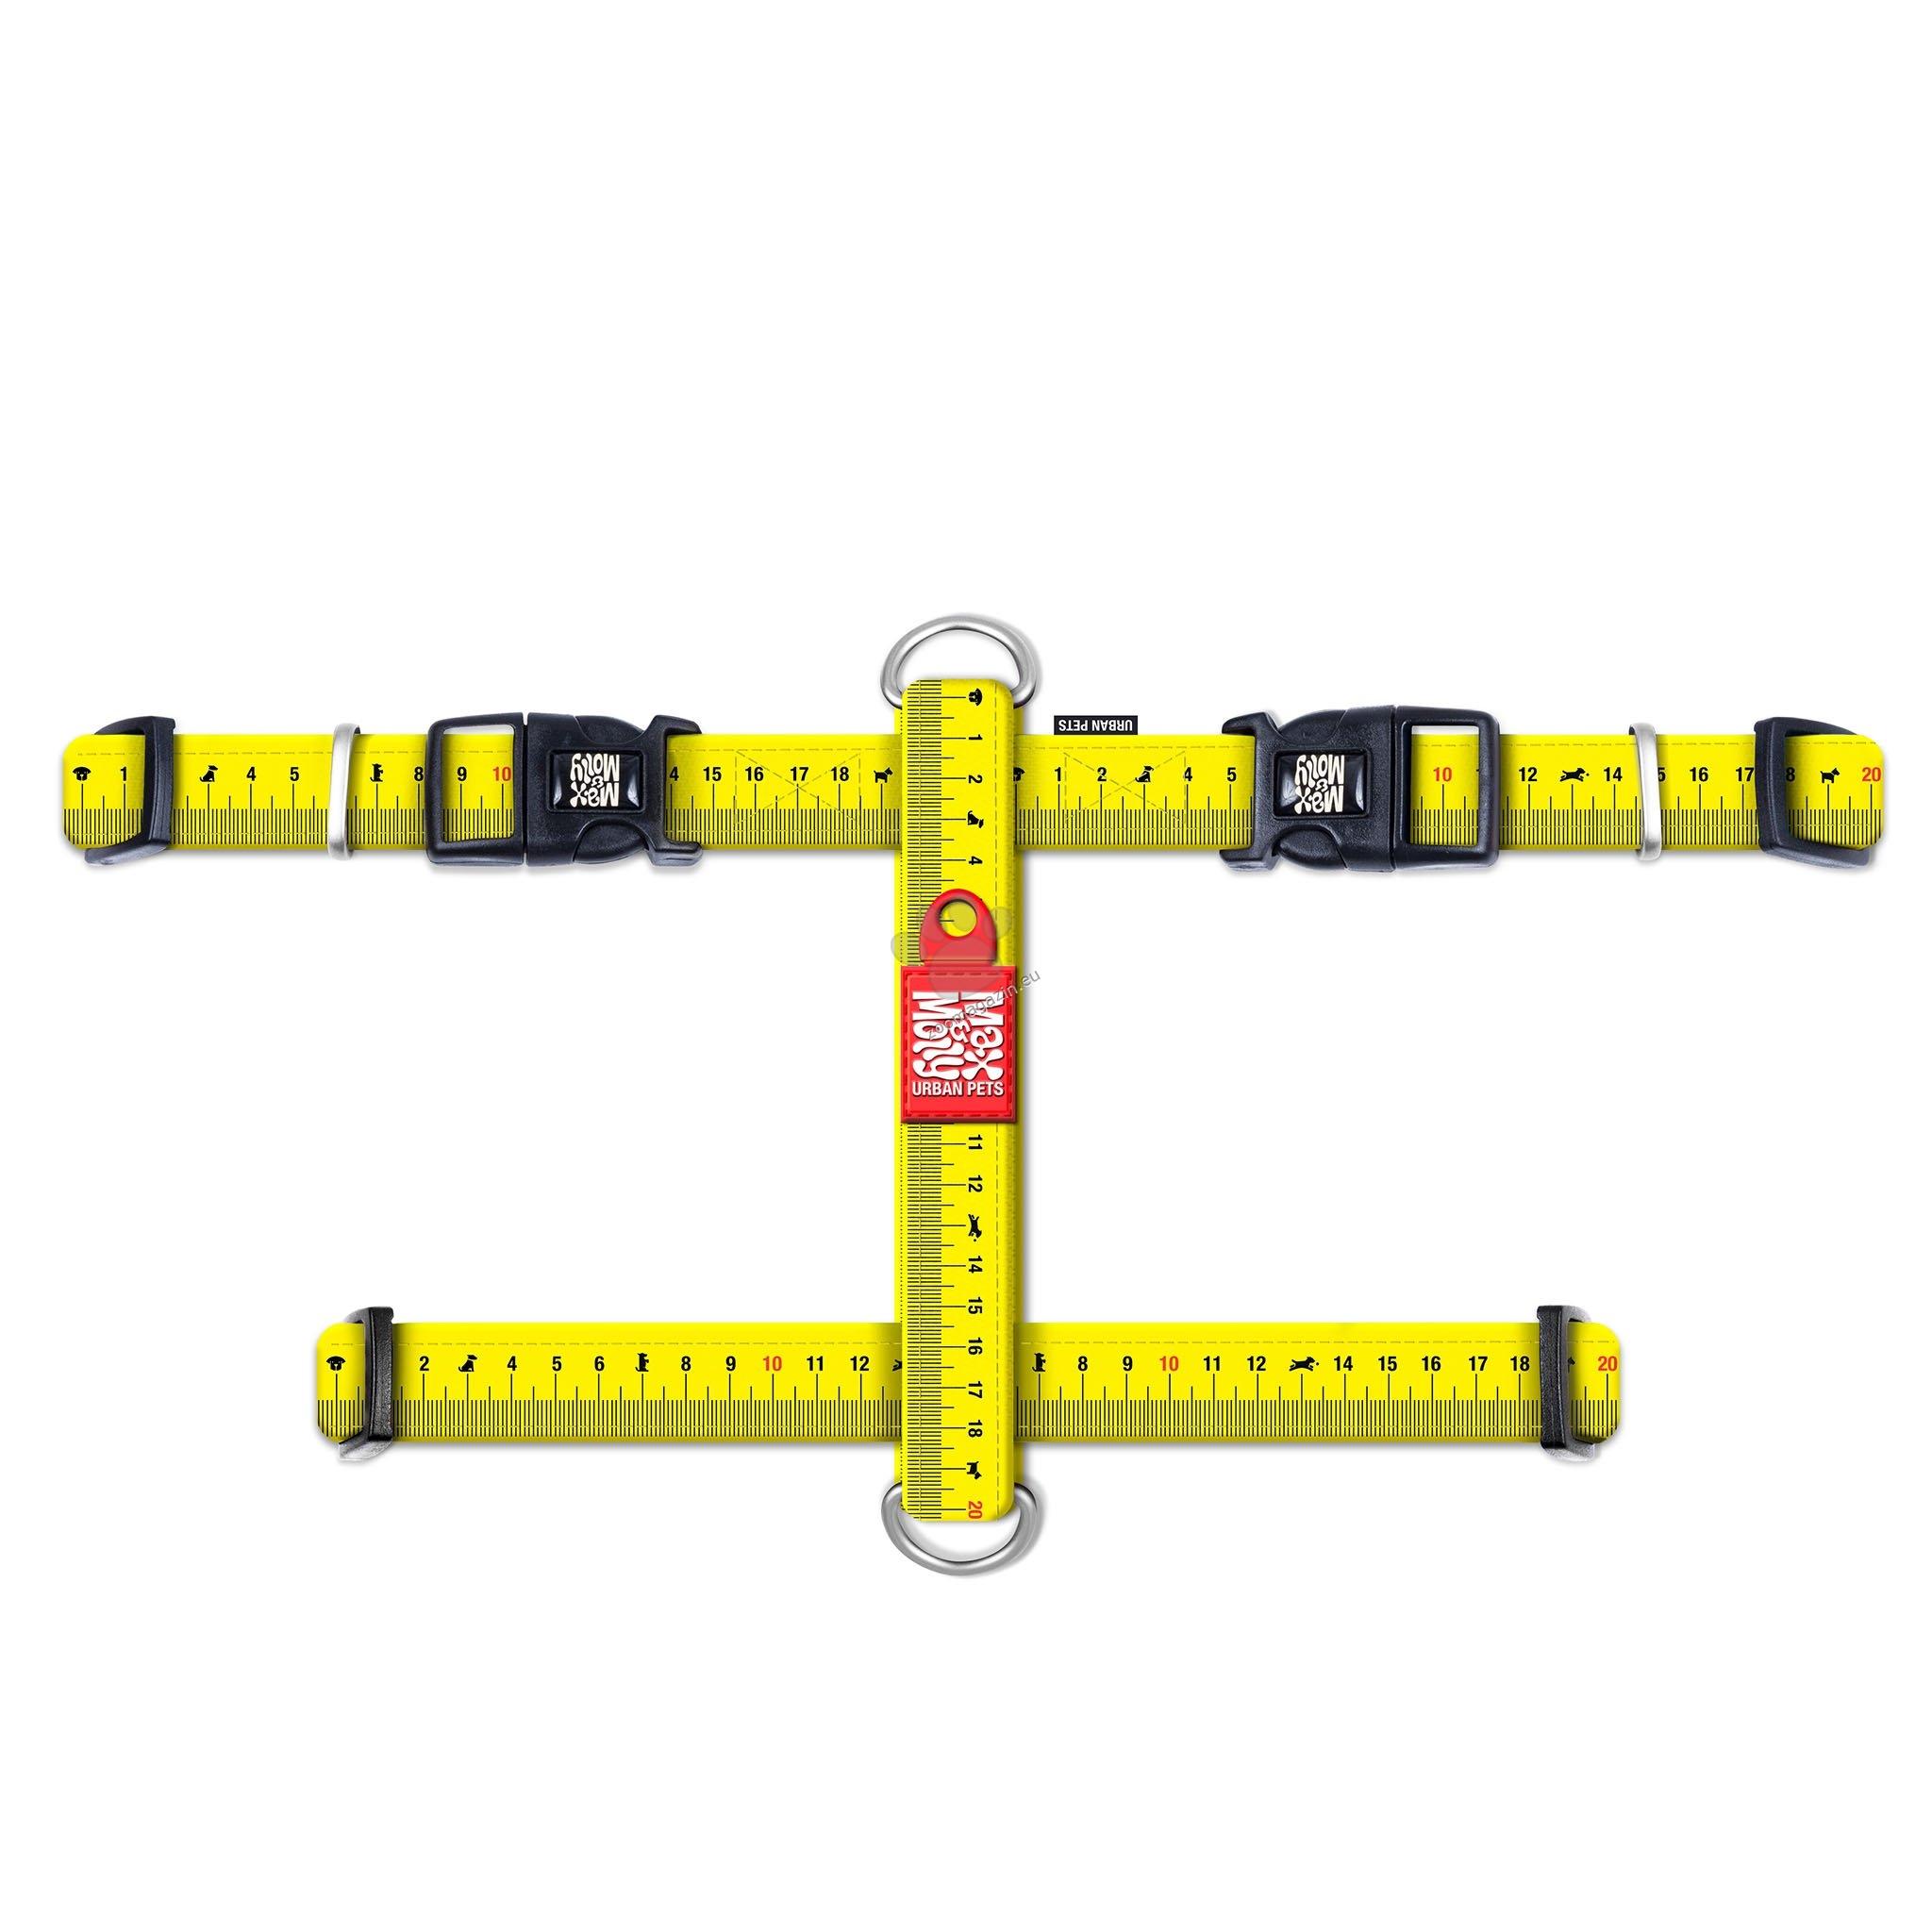 Max Molly H-Harness Ruler XS - нагръдник за кучета с обиколка на врат 24 - 39 см., гърди 32 - 40 см. / 10 мм. и тегло до 9 кг.